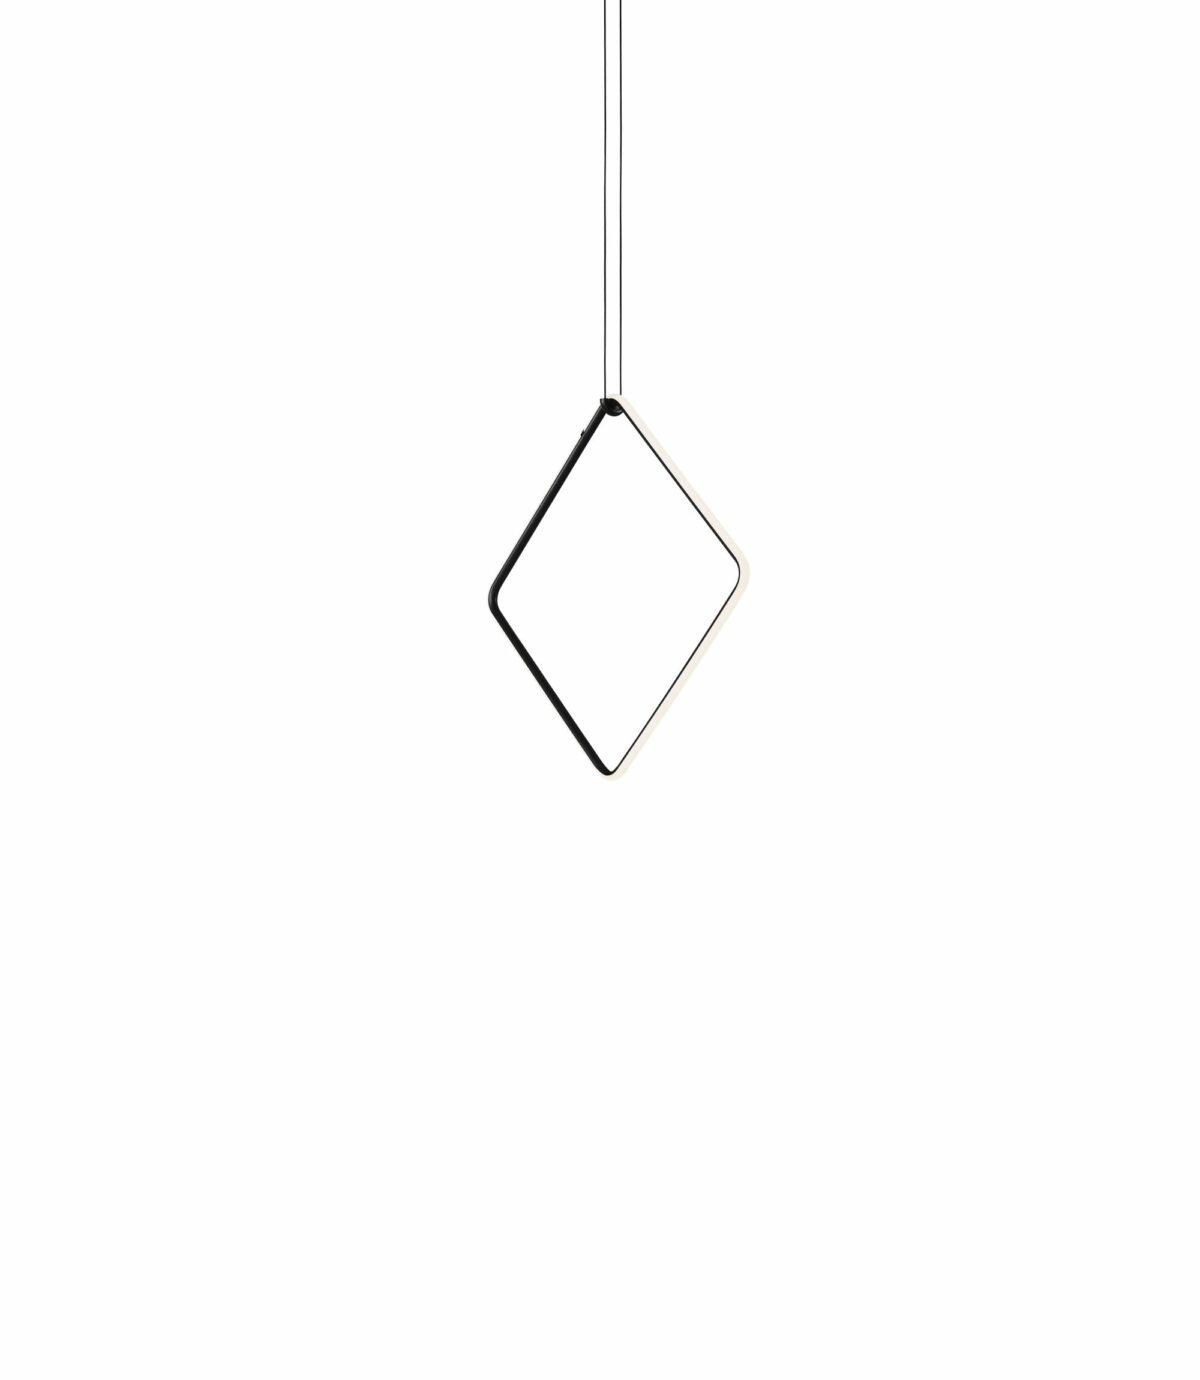 Arrangements suspension square L anastassiades flos F0409030 product still life big 2